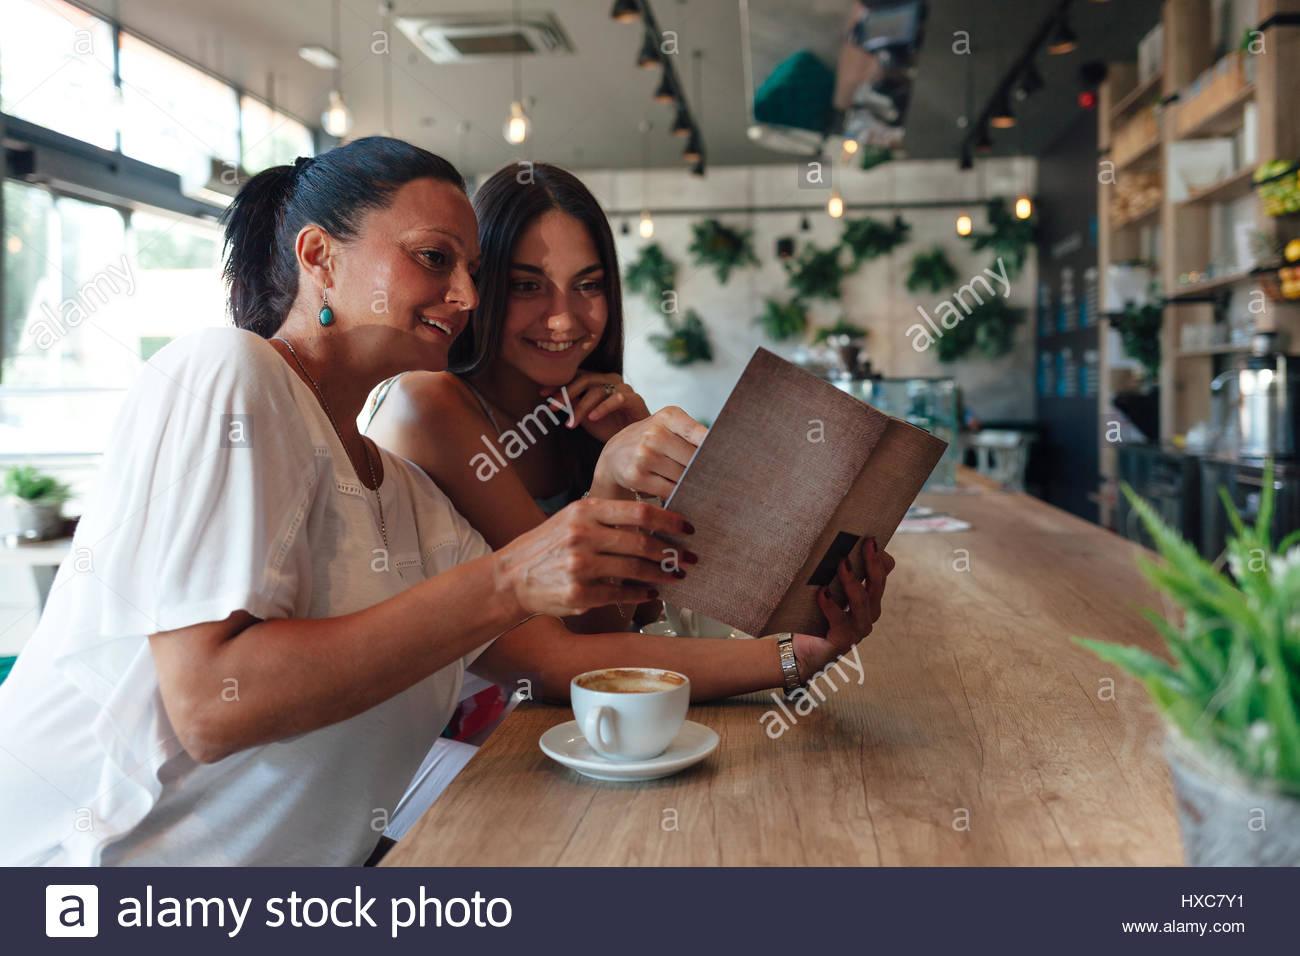 Madre e hija bebiendo café y mirando al menú de cafetería Imagen De Stock